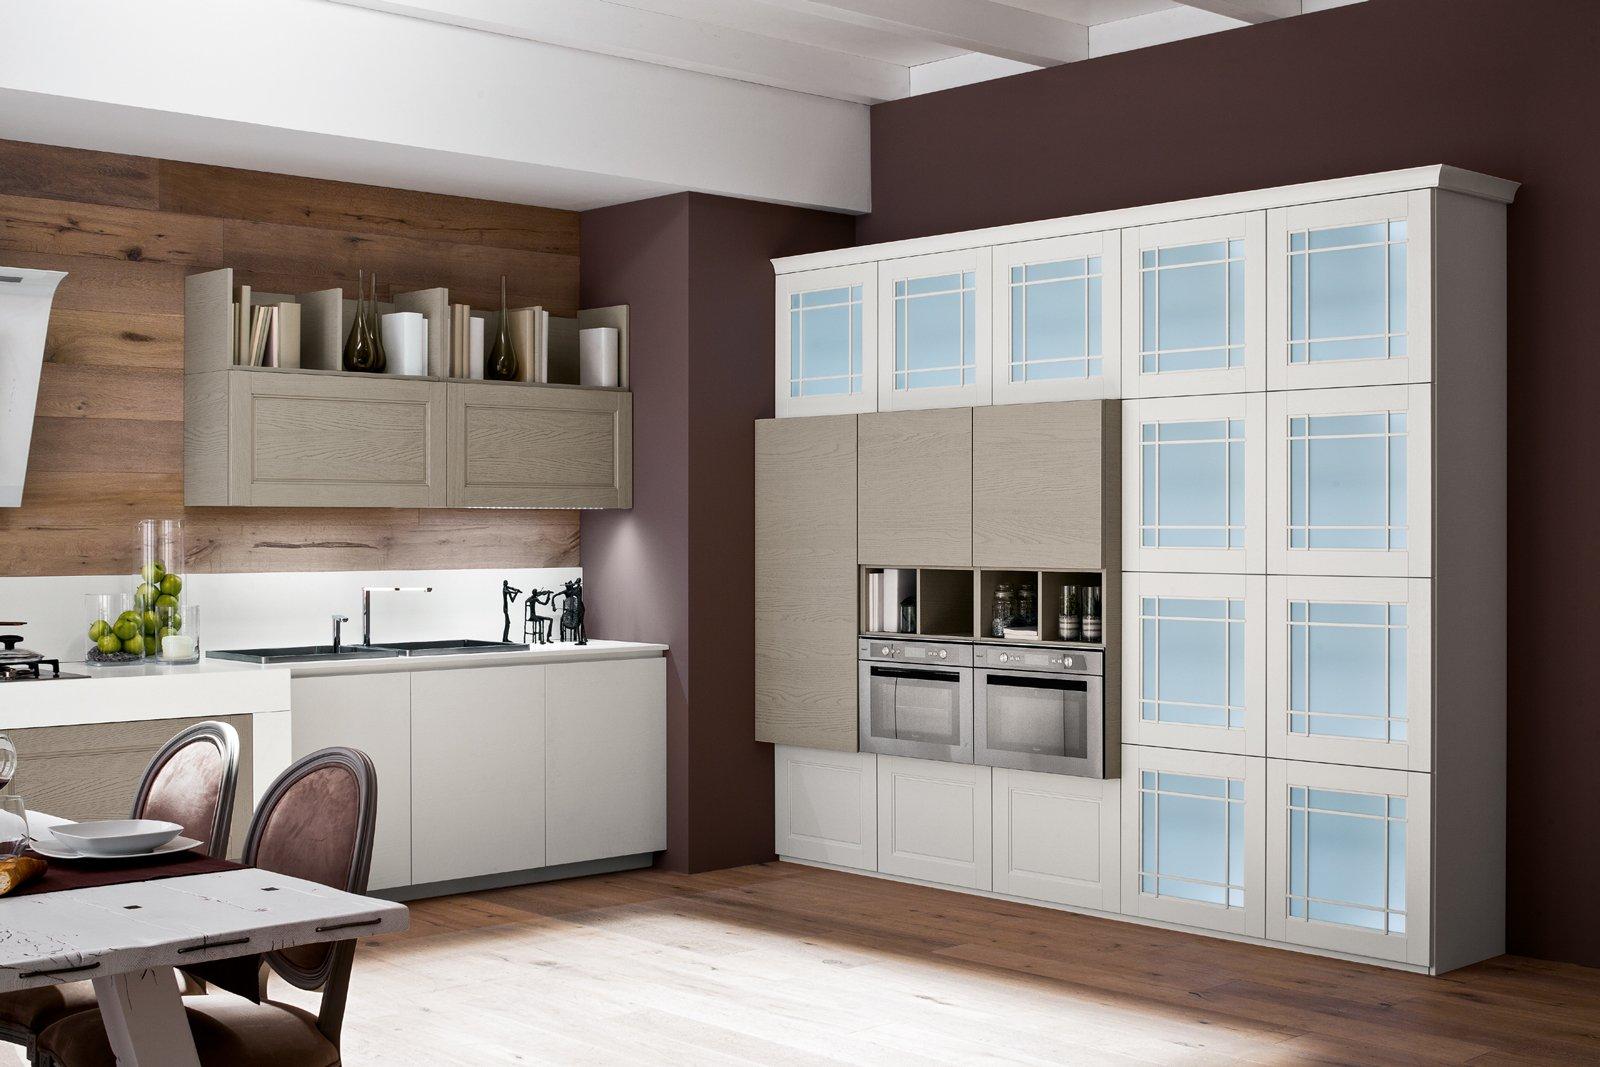 Cucina Con Vetrina. Soprattutto Classica O In Stile Industriale Cose  #4D6E7E 1600 1067 Arredo Cucina Stile Industriale